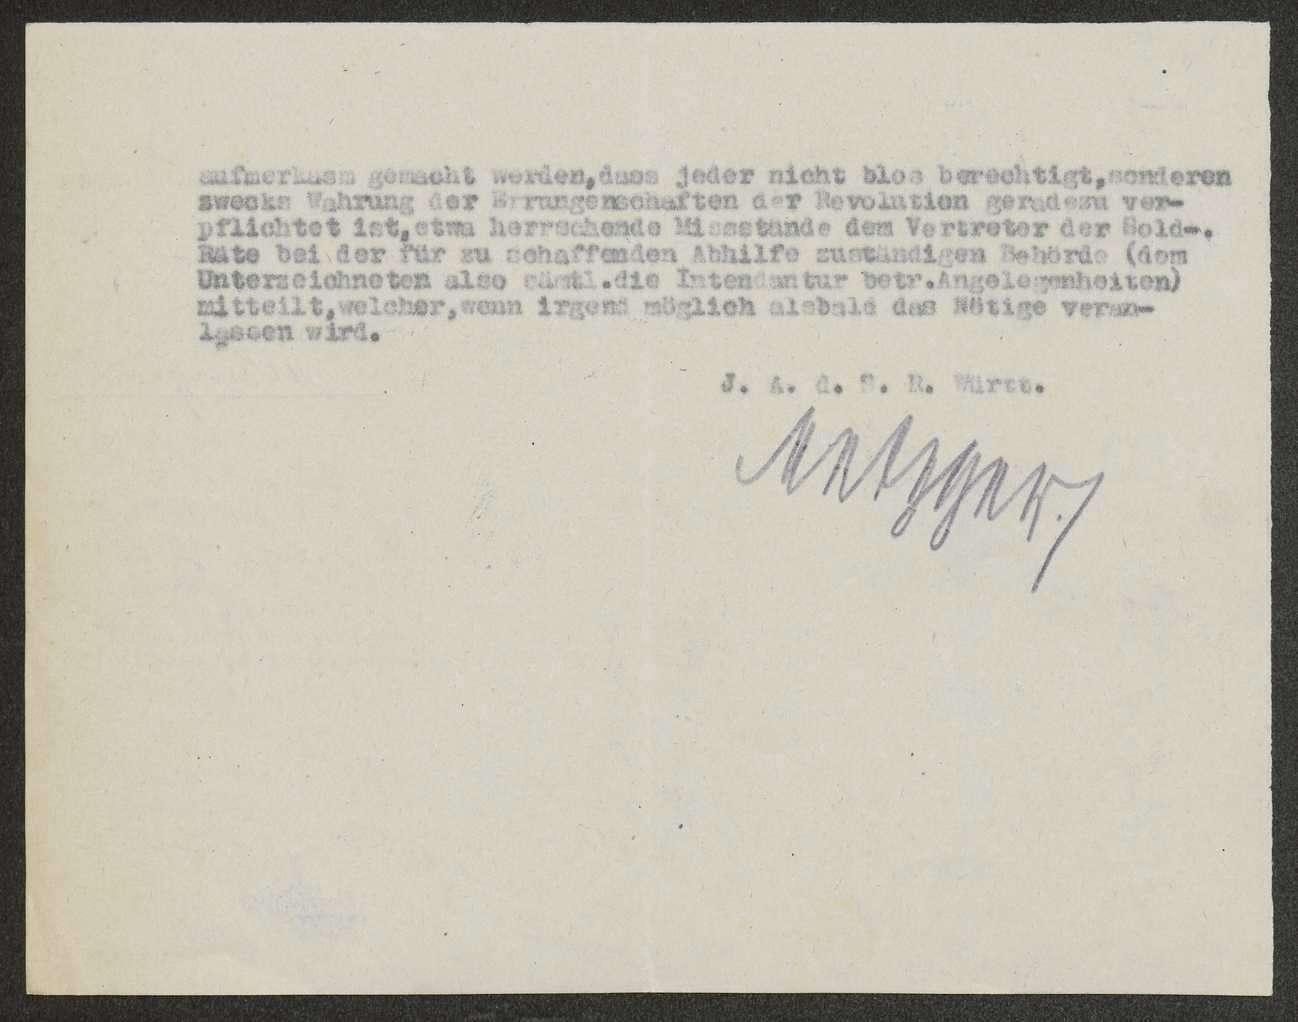 Bitte des Mitglieds des Landesausschusses der Soldatenräte bei der Intendantur des XIII. Armeekorps an die Soldatenräte um Gegenzeichnung aller Schreiben sowie um Meldung von Missständen, Bild 2